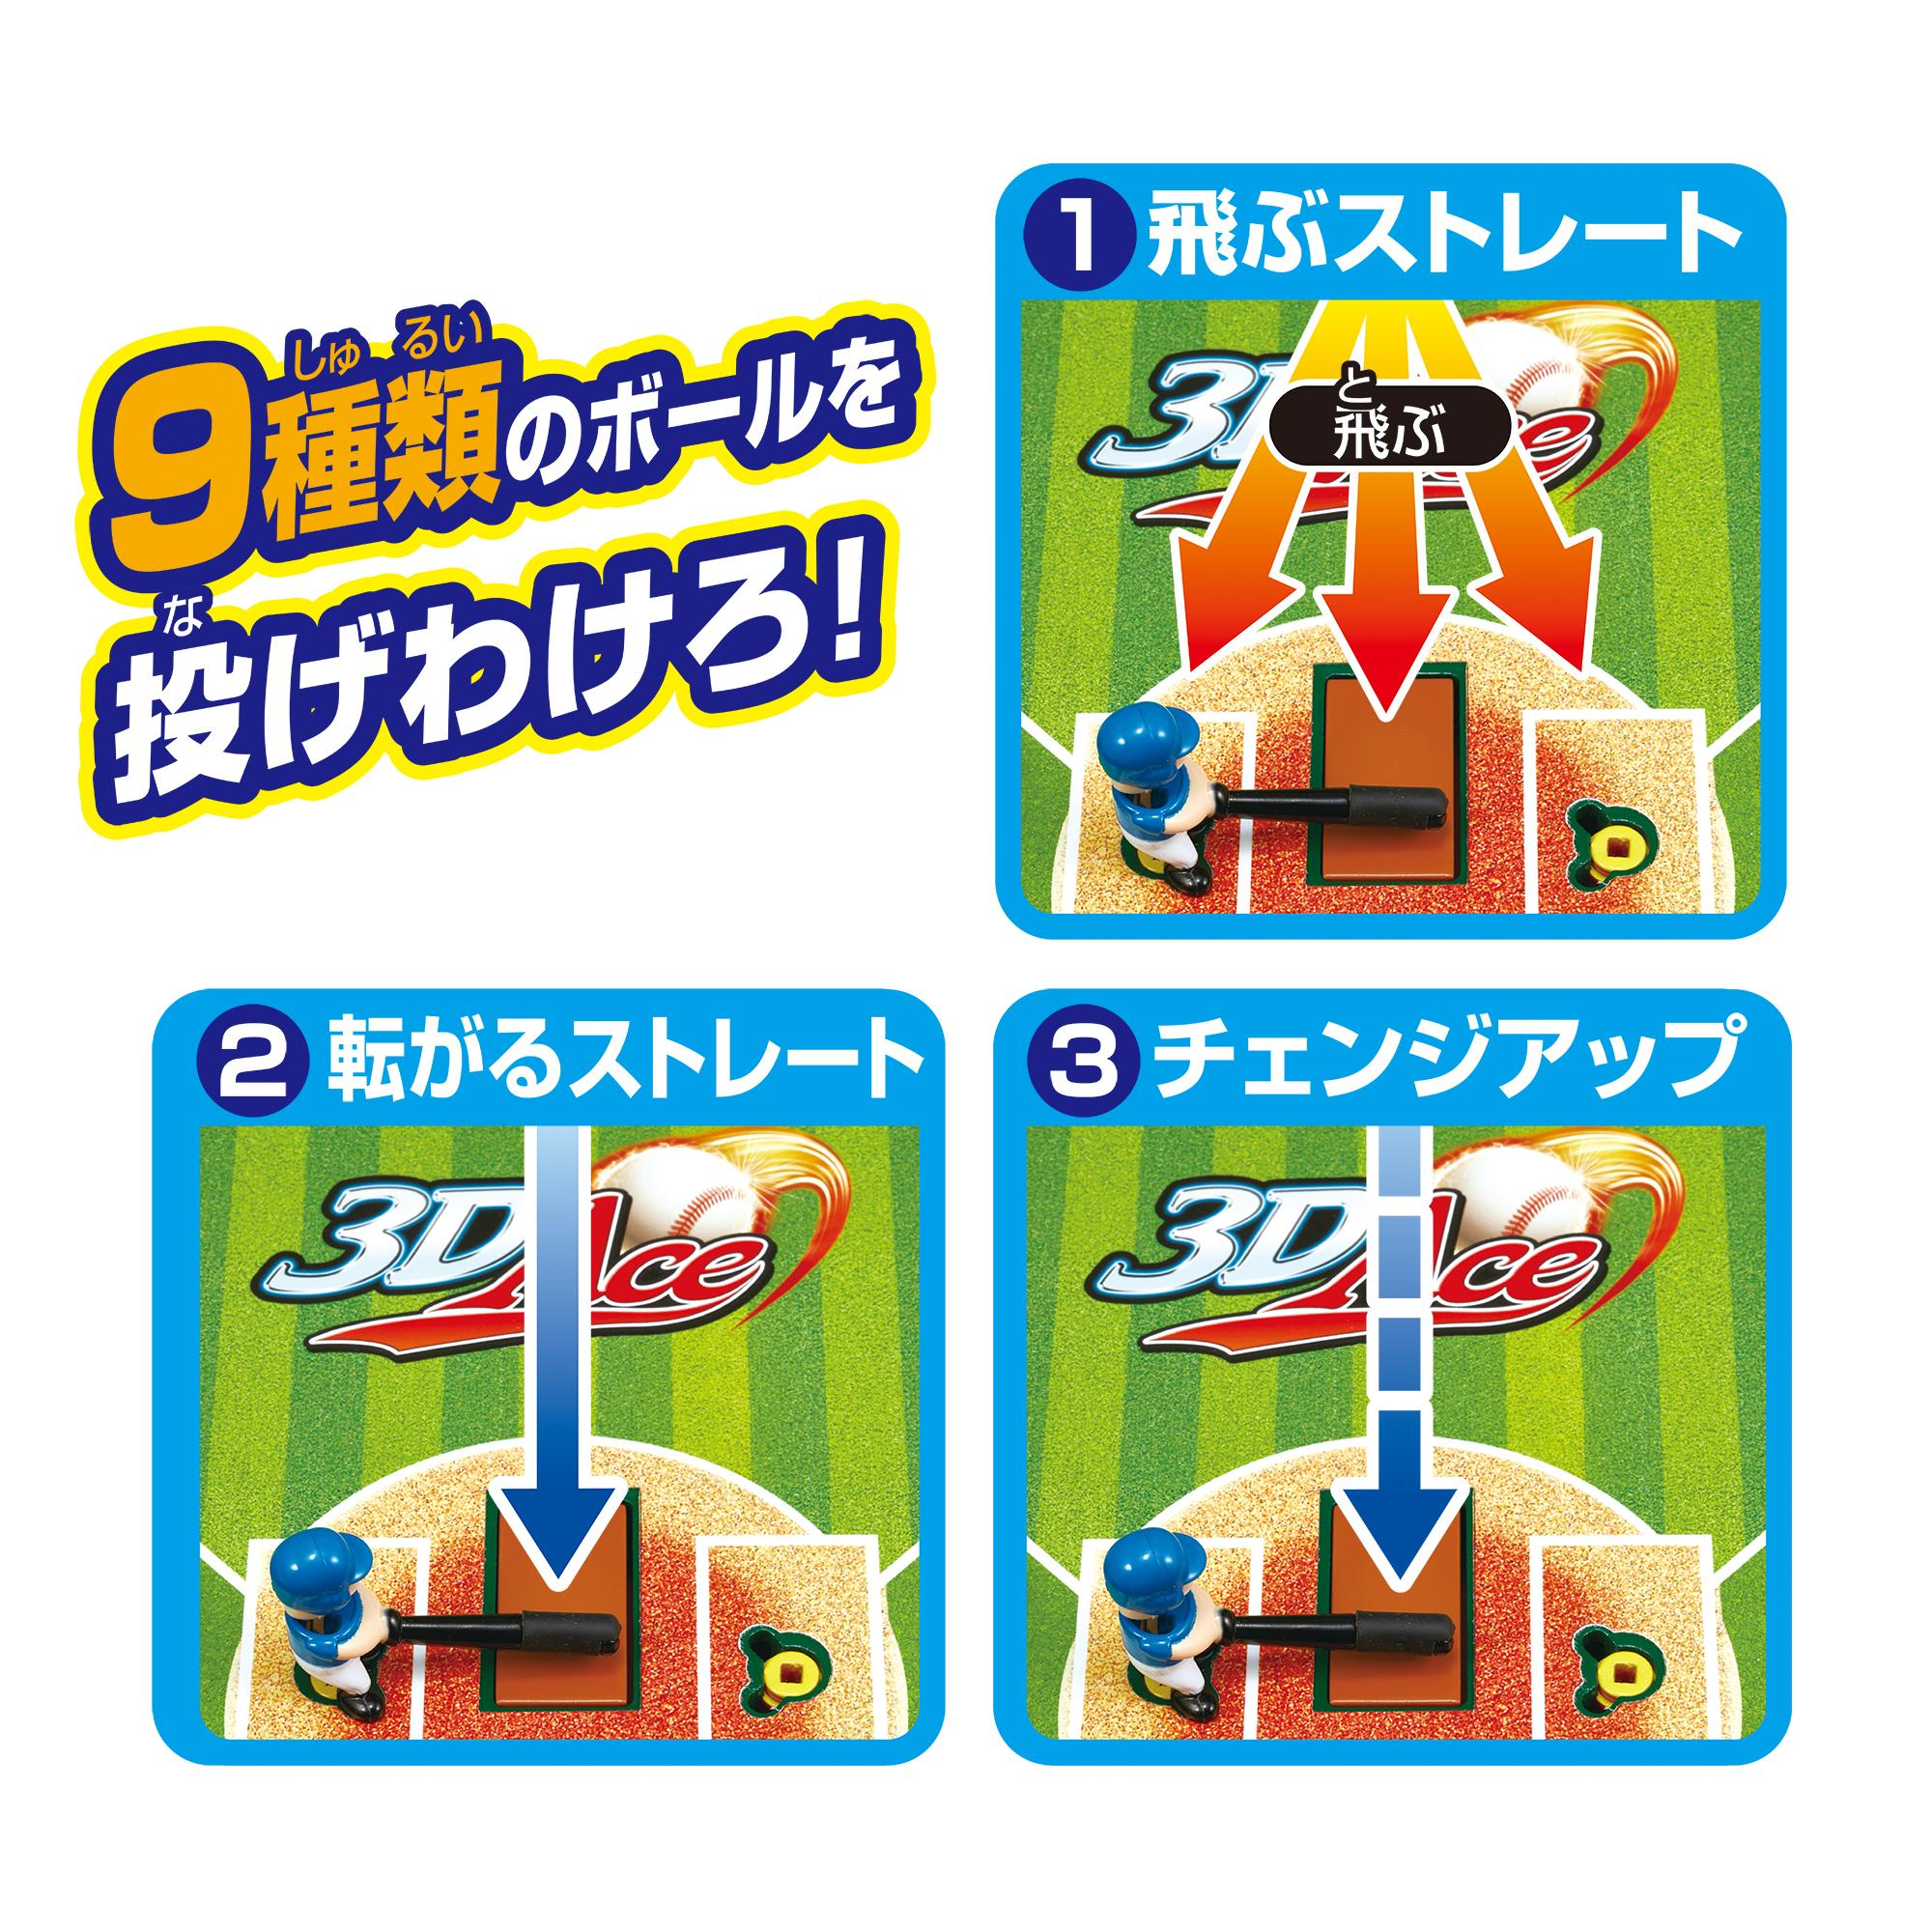 野球盤3Dエース スタンダード 阪神タイガース …